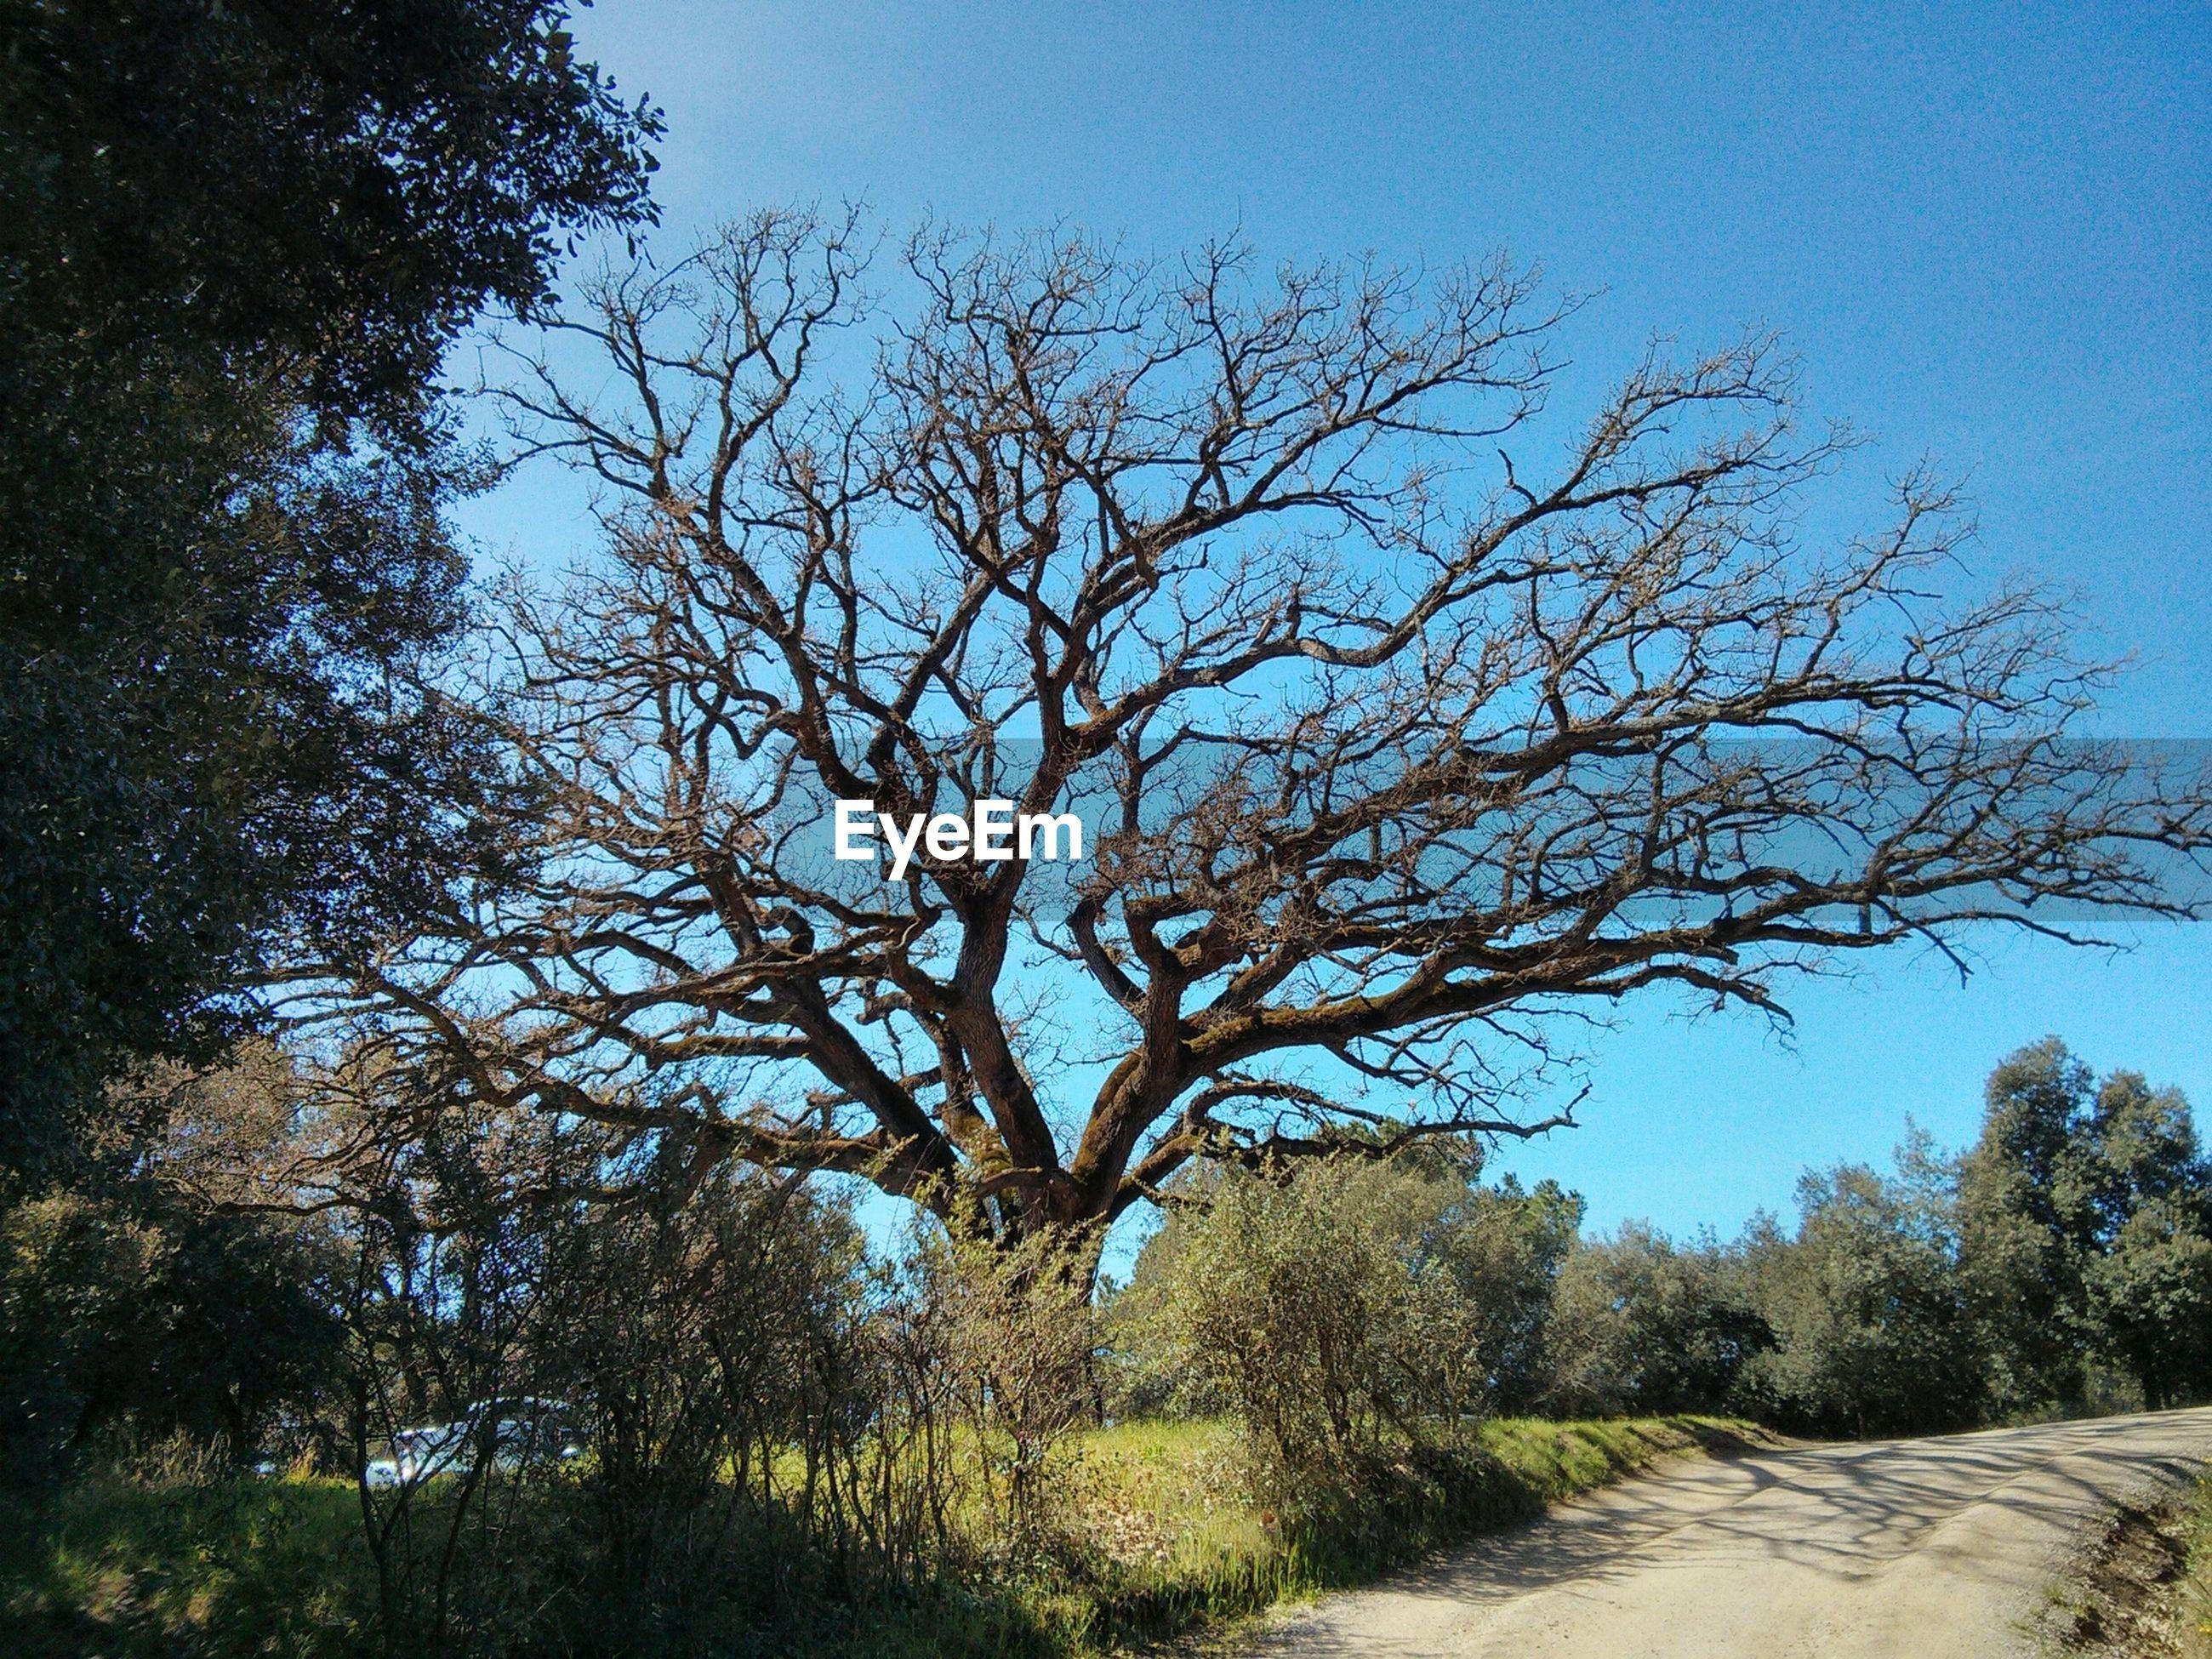 Narrow empty road along trees